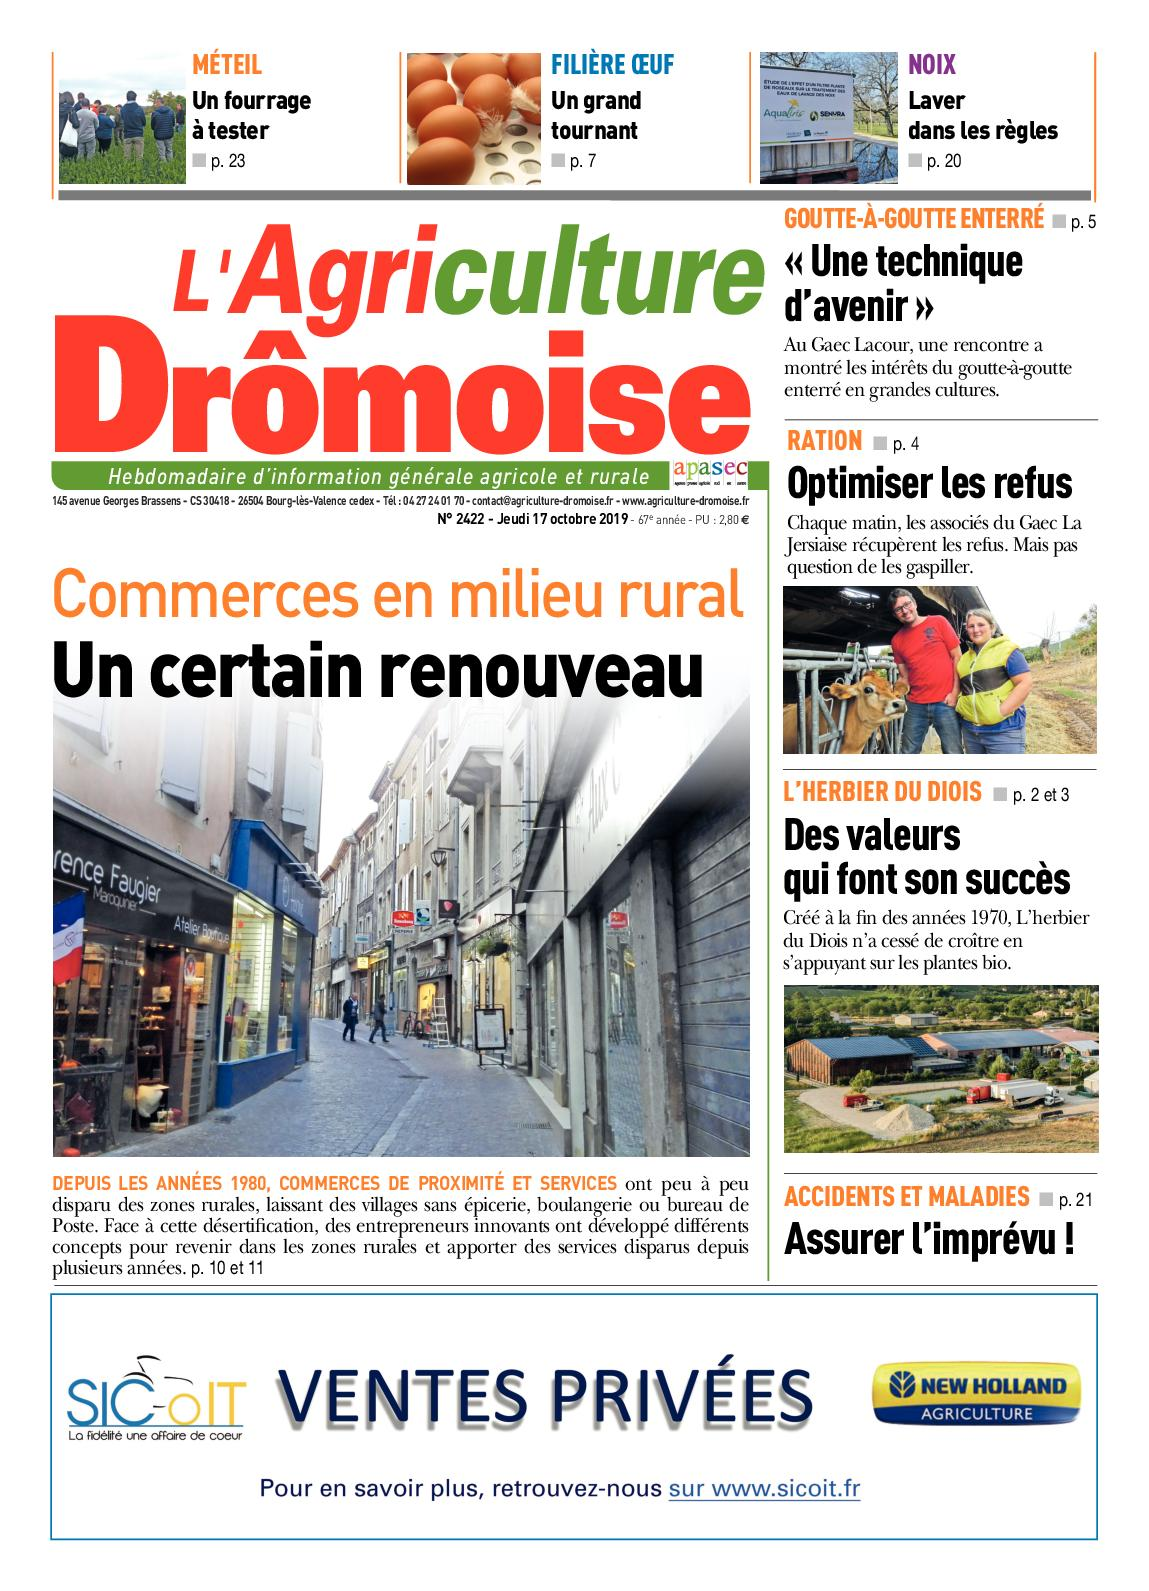 Esthéticienne Le Bois D Oingt calaméo - journal l'agriculture dromoise 2422 sem42